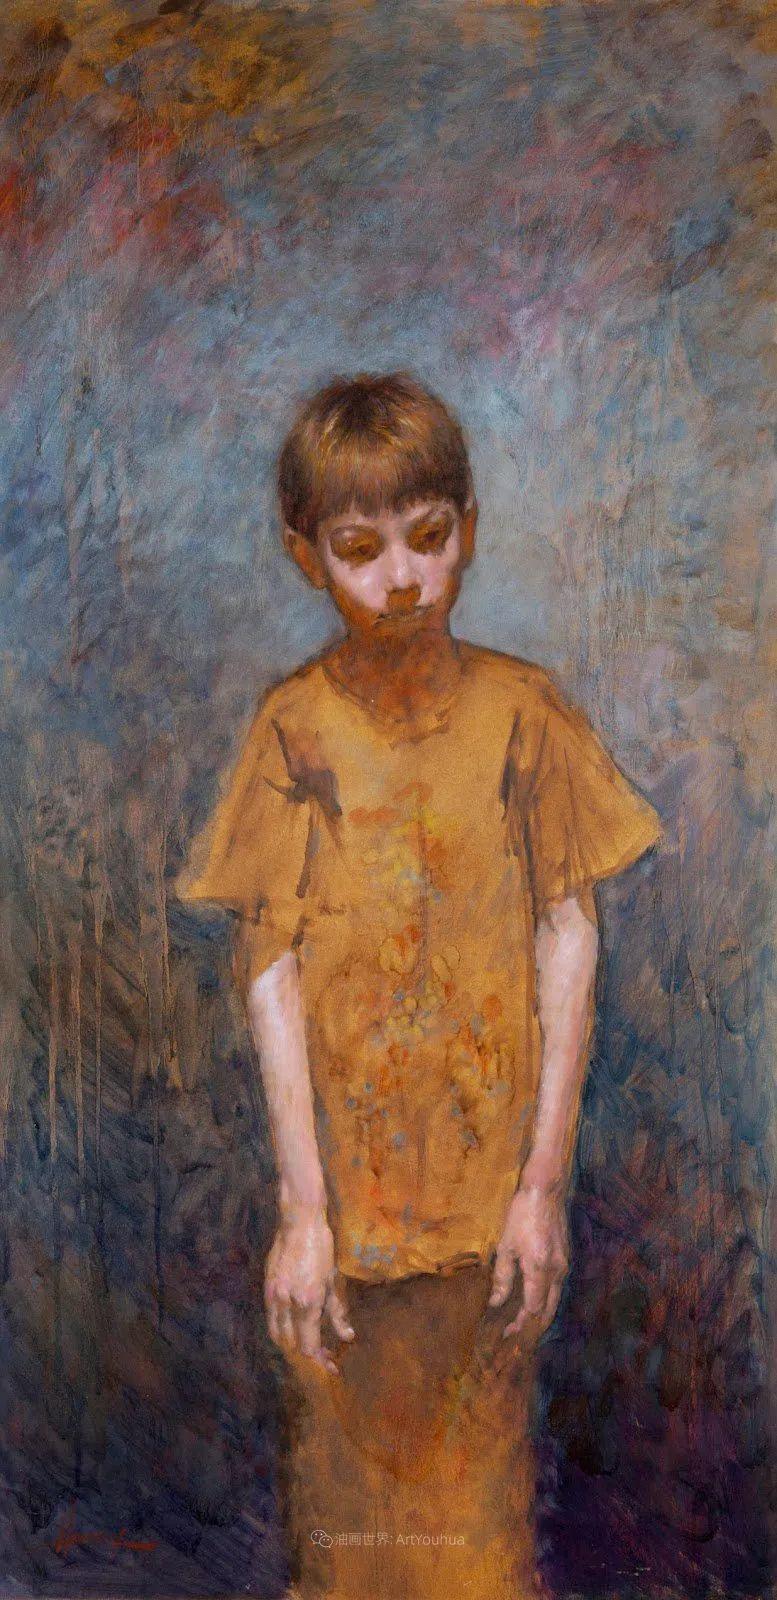 有趣而独特的人物肖像画,美国画家塞思·哈维坎普插图28